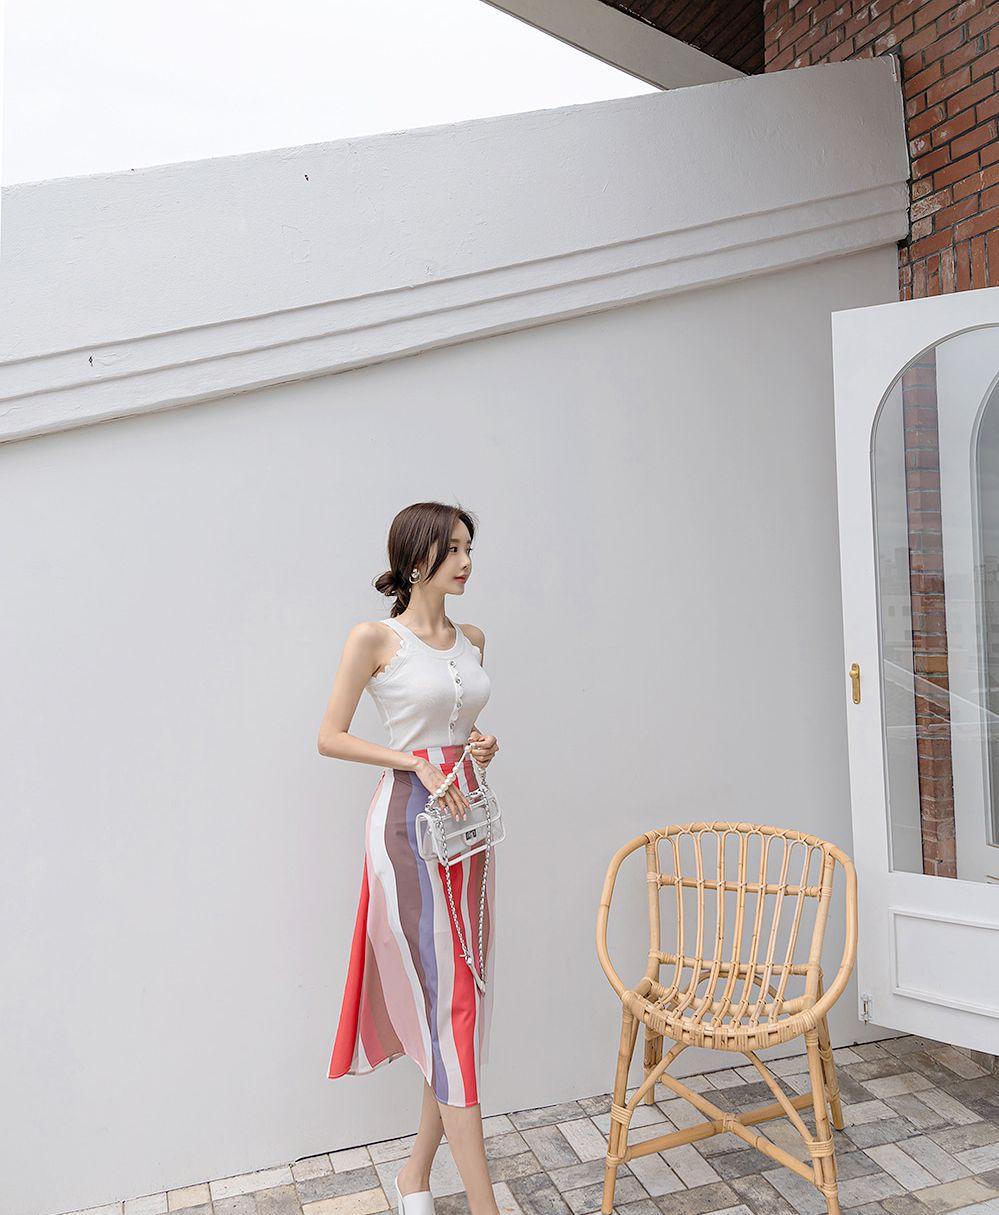 孙允珠高清美图:斑斓彩虹霓光粉系无袖休闲裙